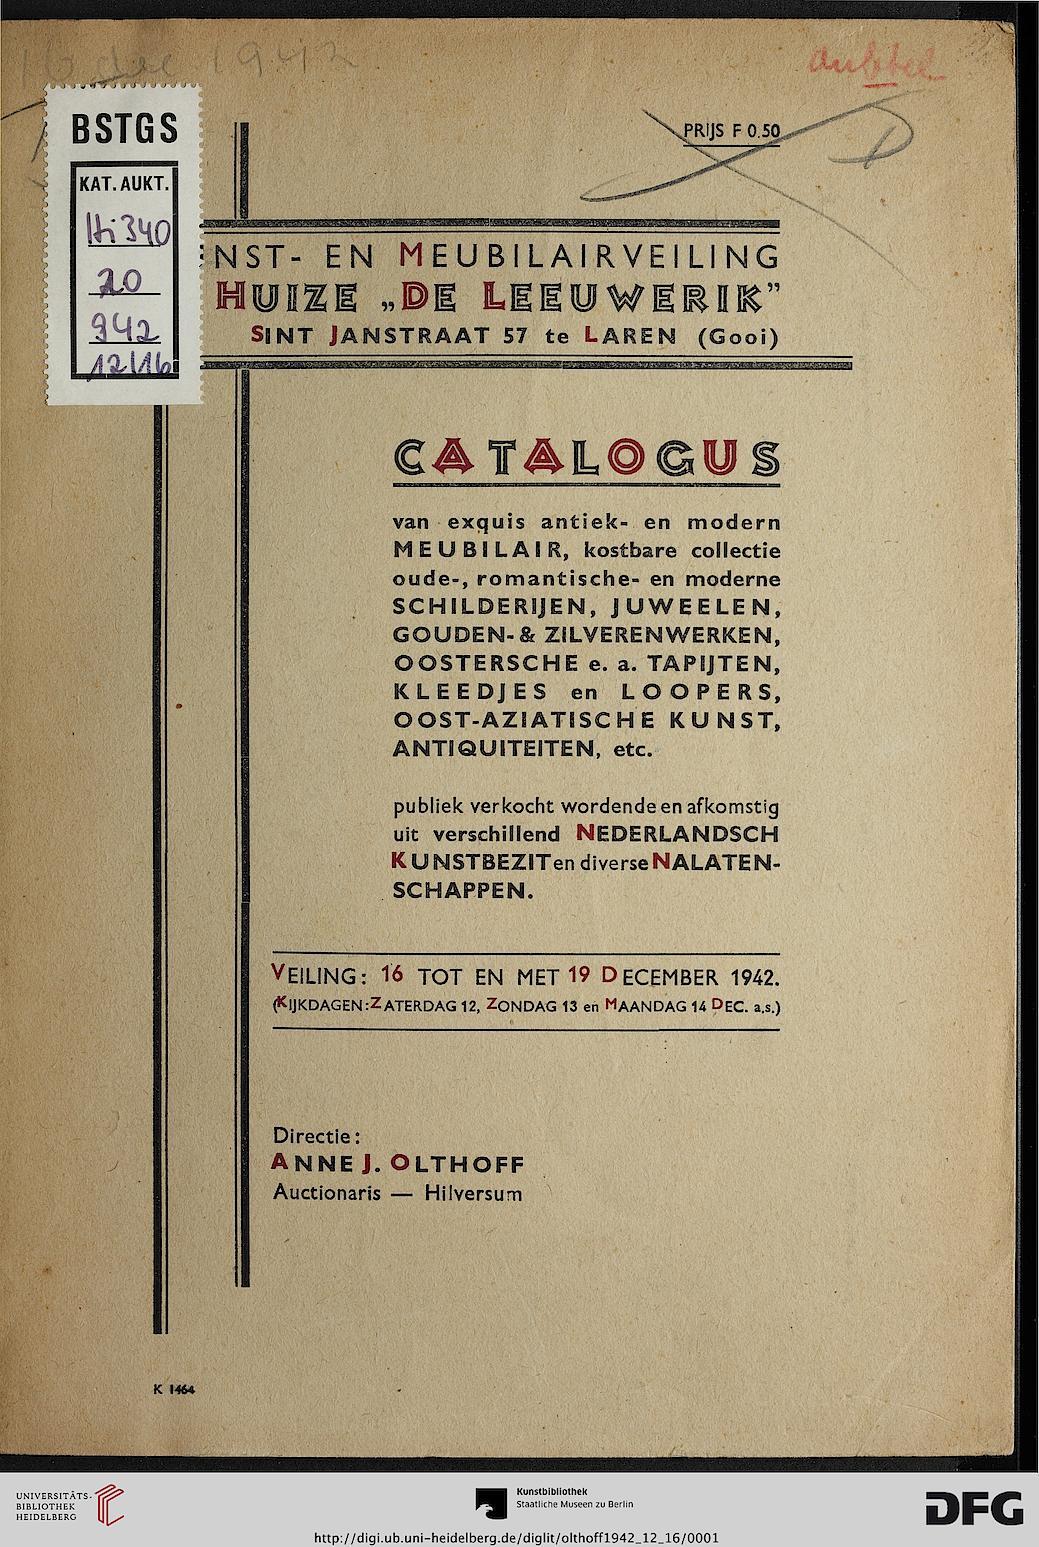 Anne j olthoff hrsg ge llustreerde catalogus van een collectie kostbare oude romantische - Modern meubilair en oude ...